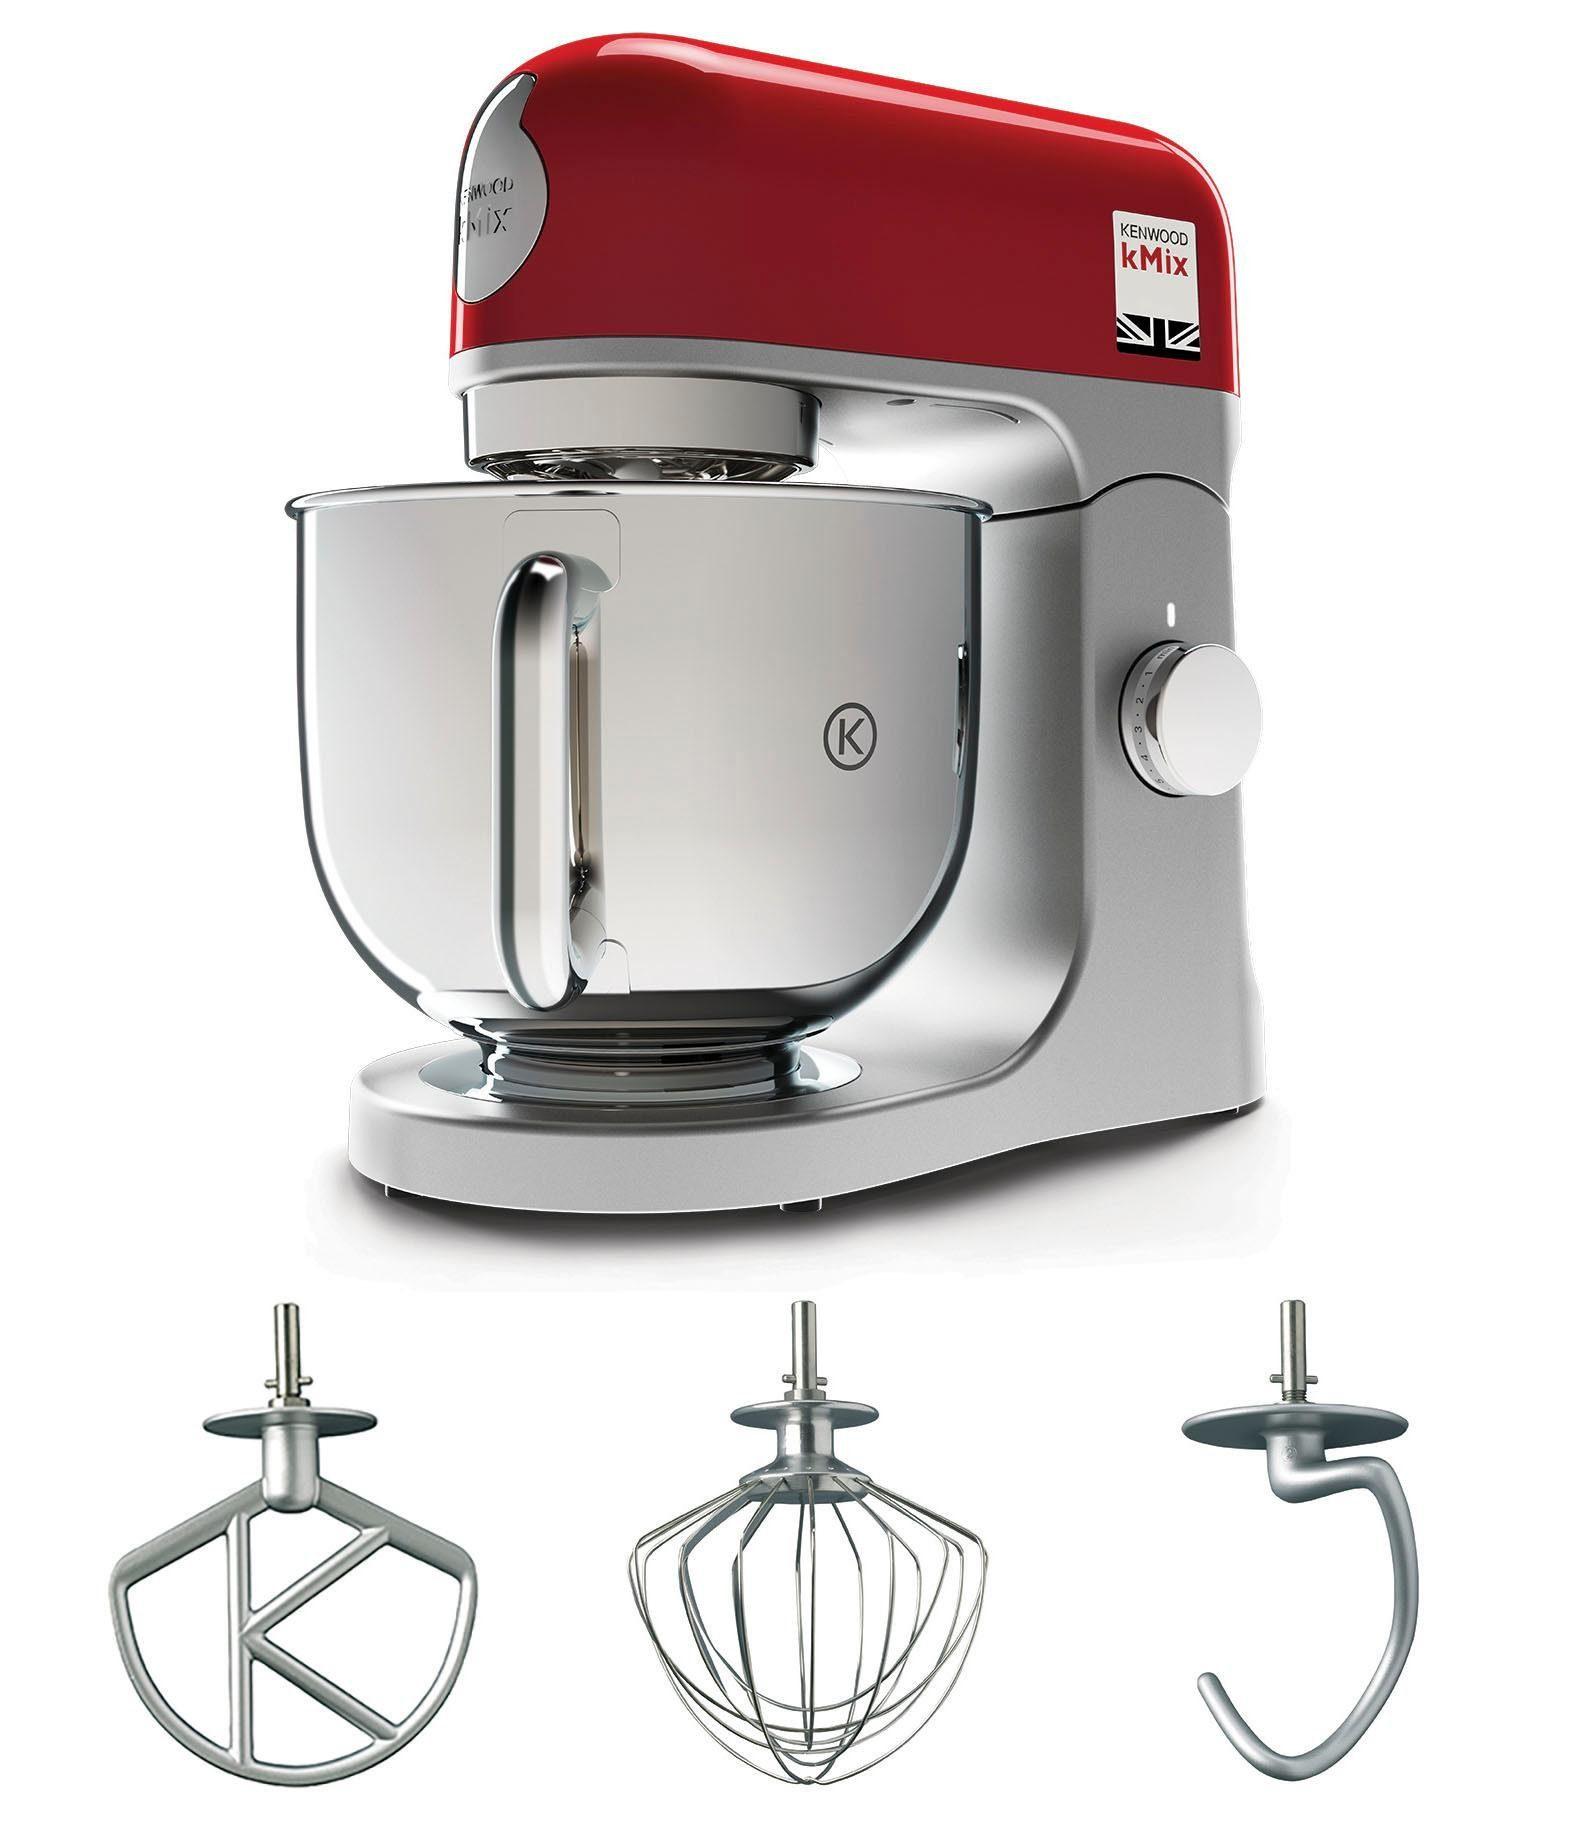 KENWOOD Küchenmaschine kMix KMX 750RD, 1000 W, 5 l Schüssel, inkl. 3-tlg. Patisserie-Set und 5l Schüssel